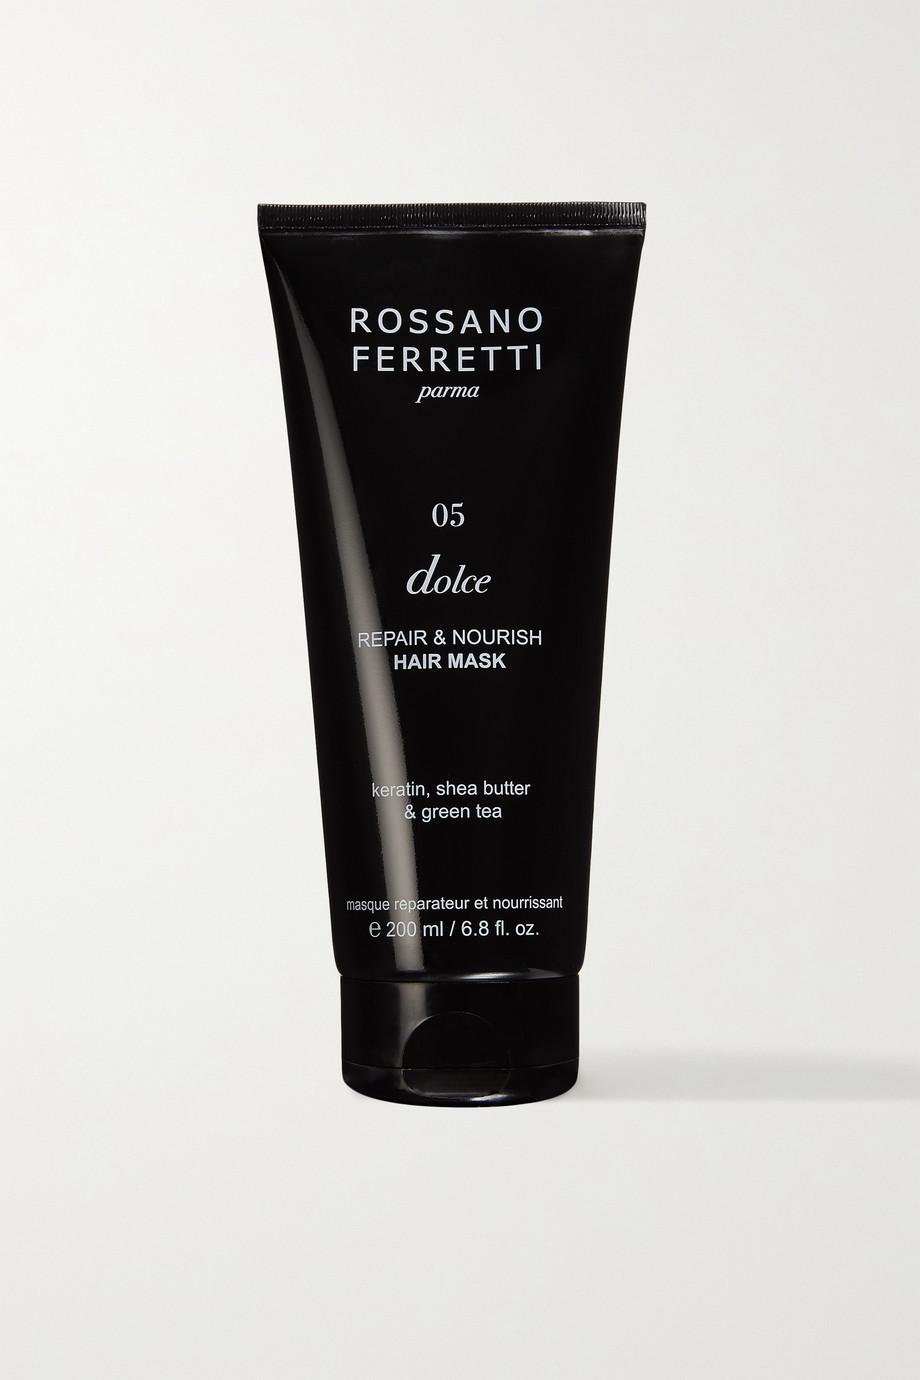 ROSSANO FERRETTI Parma Masque réparateur et nourrissant pour les cheveux Dolce, 200 ml